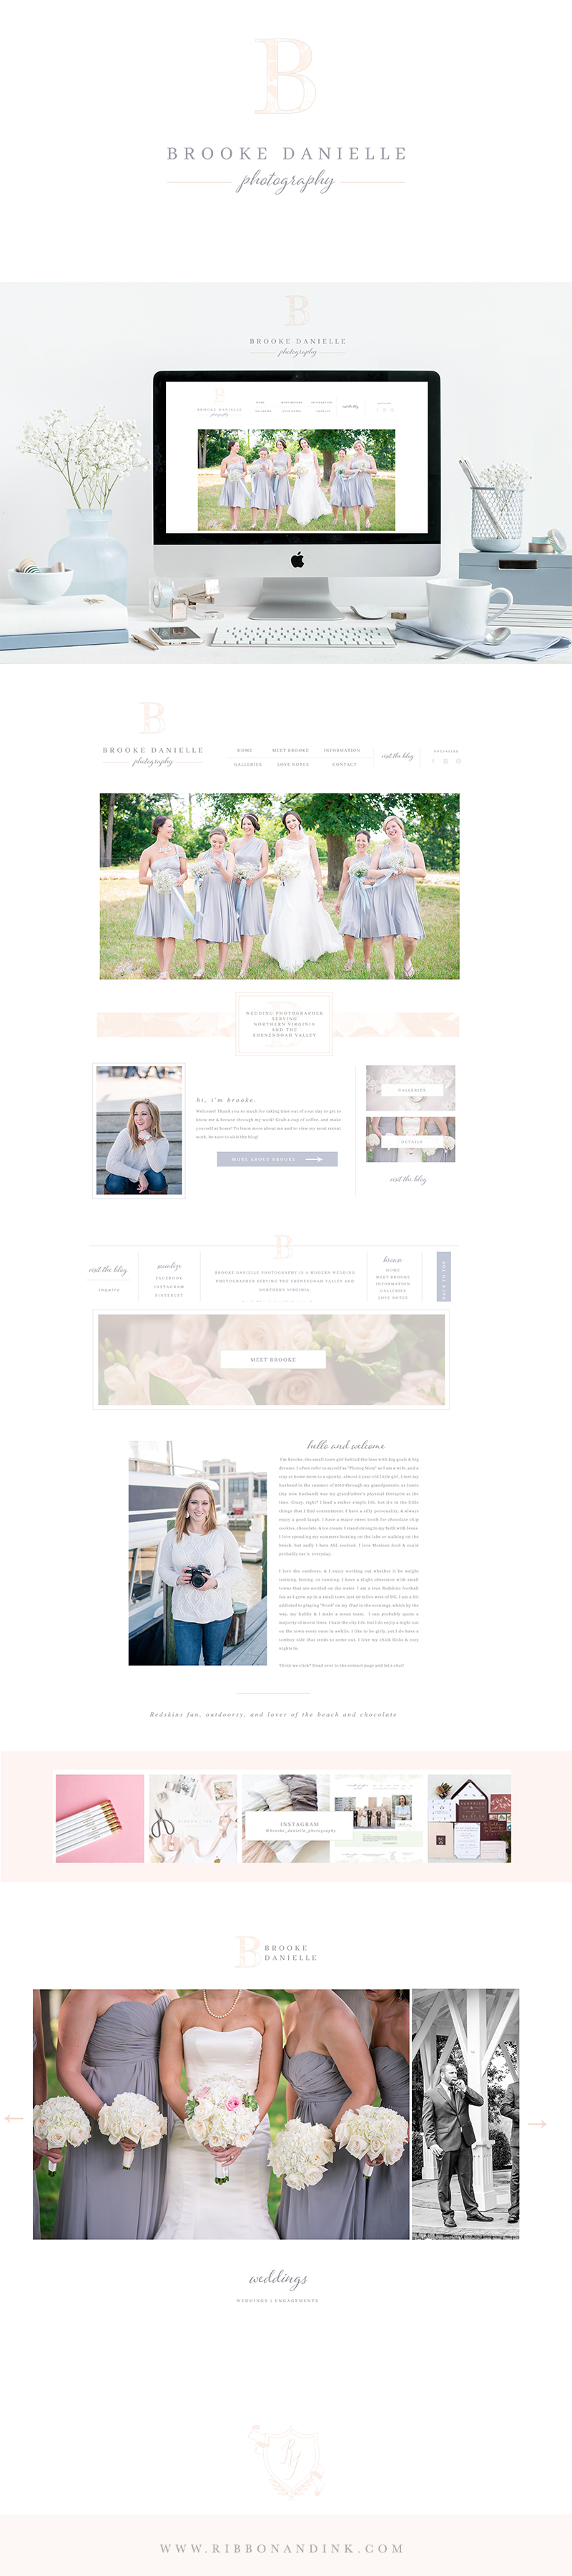 Branding for Photographers | Pinterest